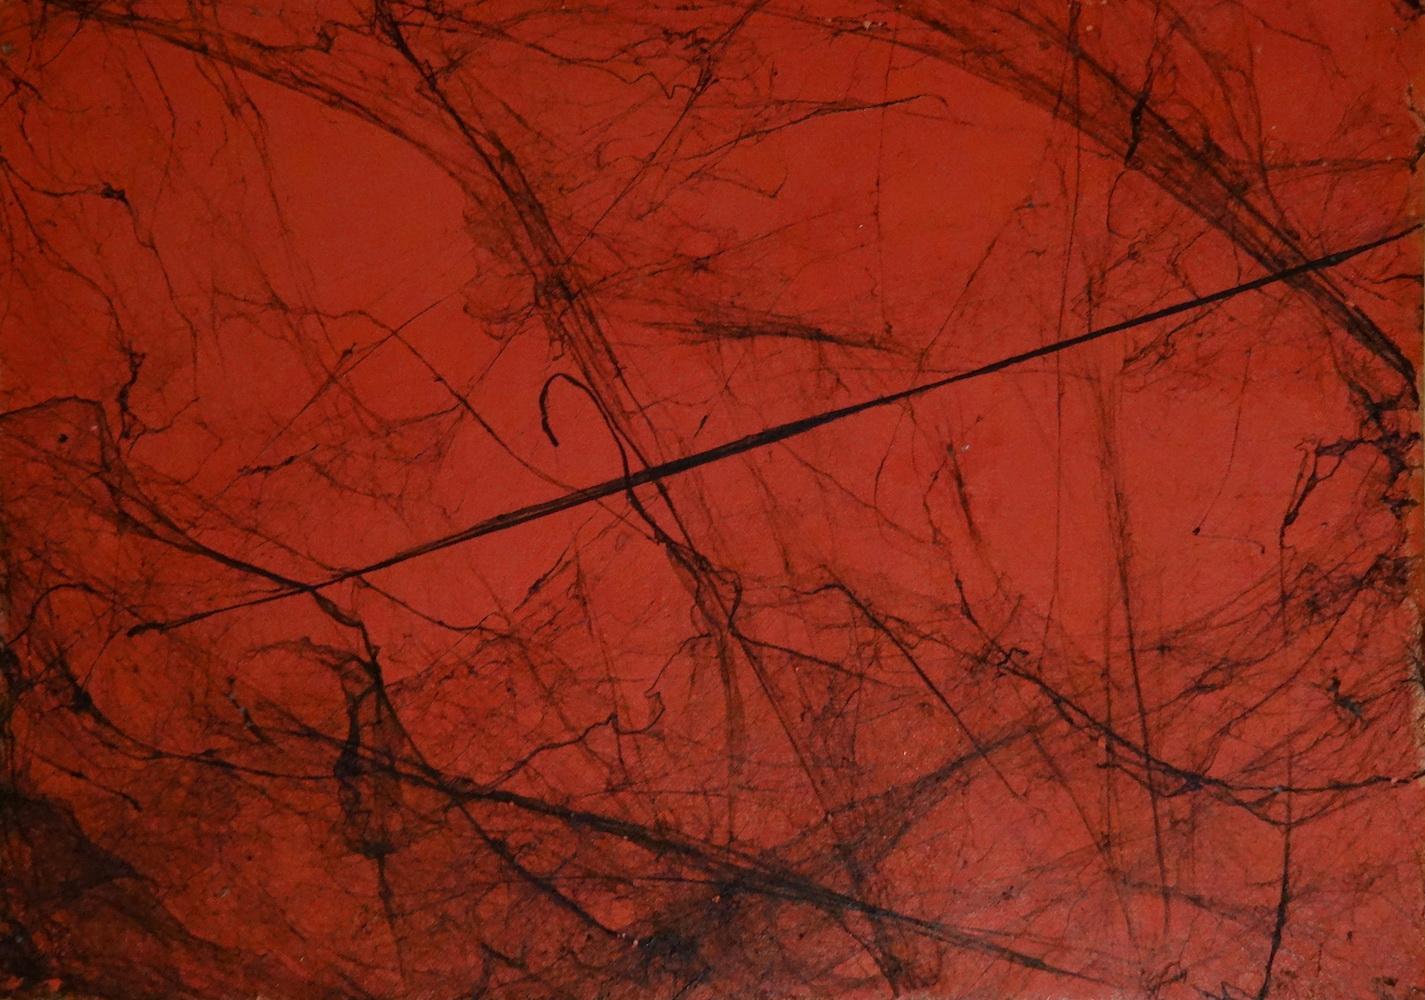 1989, z plynúceho cyklu, pavučiny na lepenke, 50x70 cm